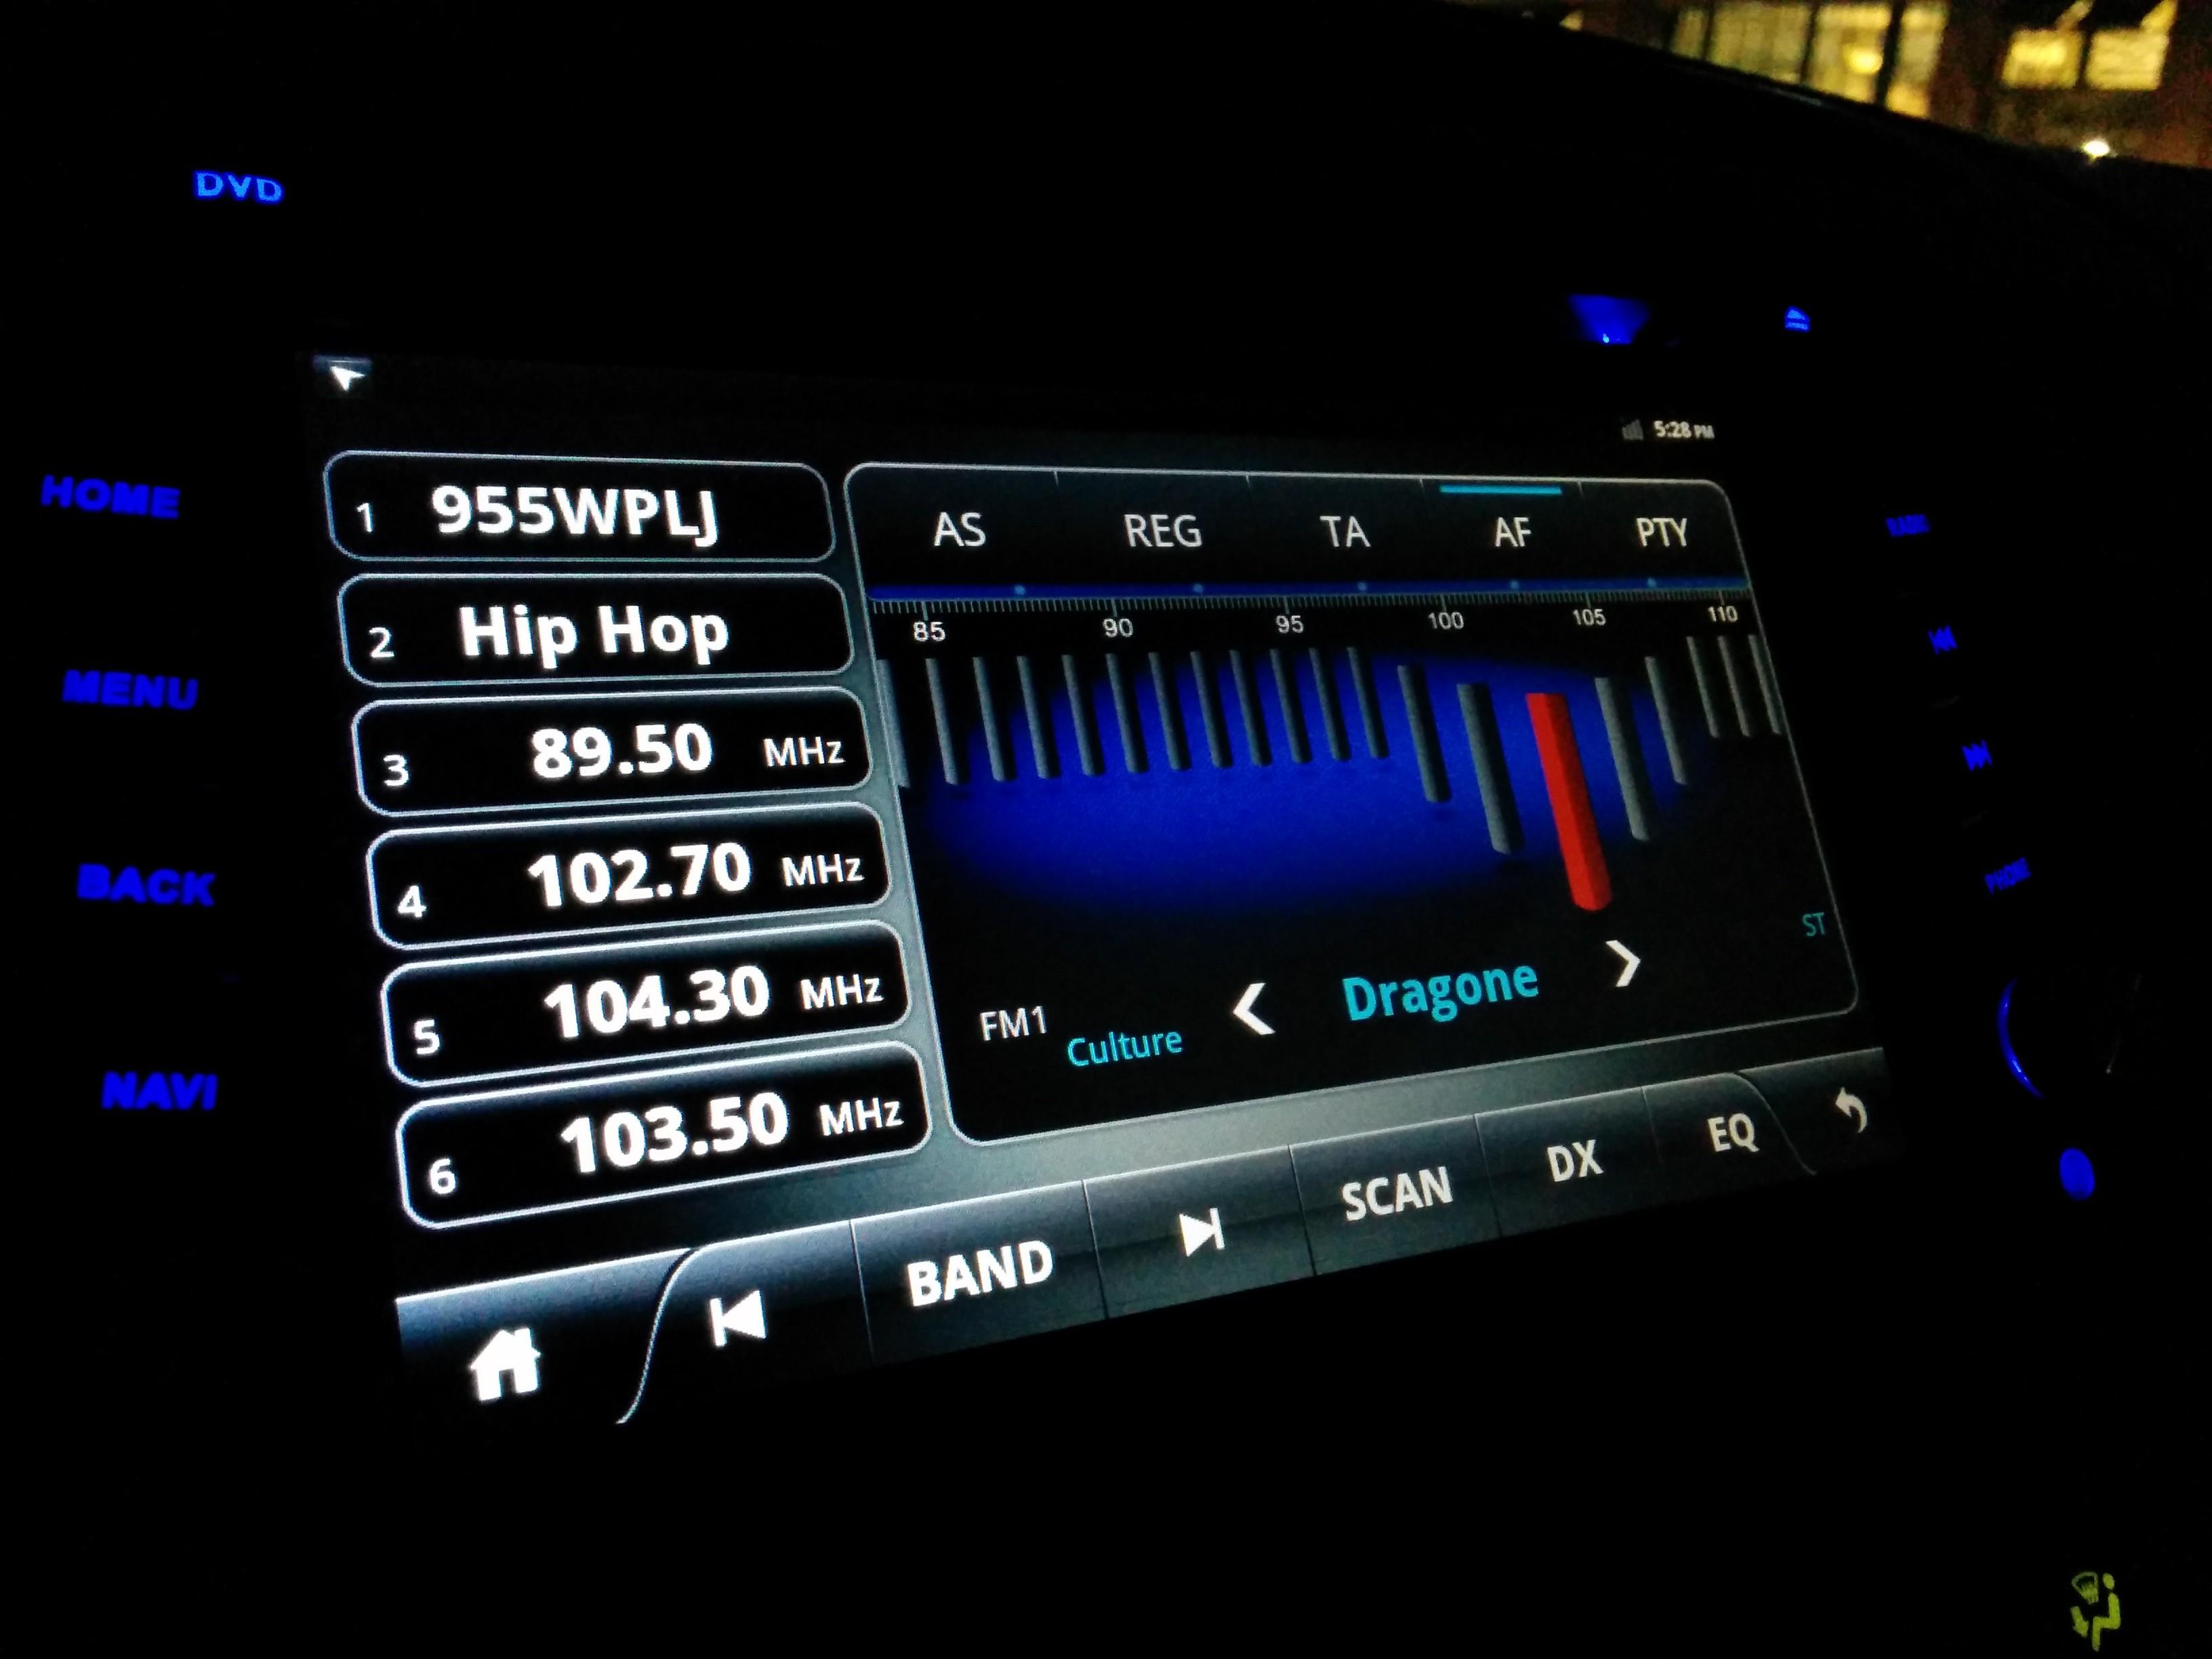 Ouku Car Dvd Player Wiring Diagram | My Wiring DIagram Ouku Dvd Player Wiring Harness on